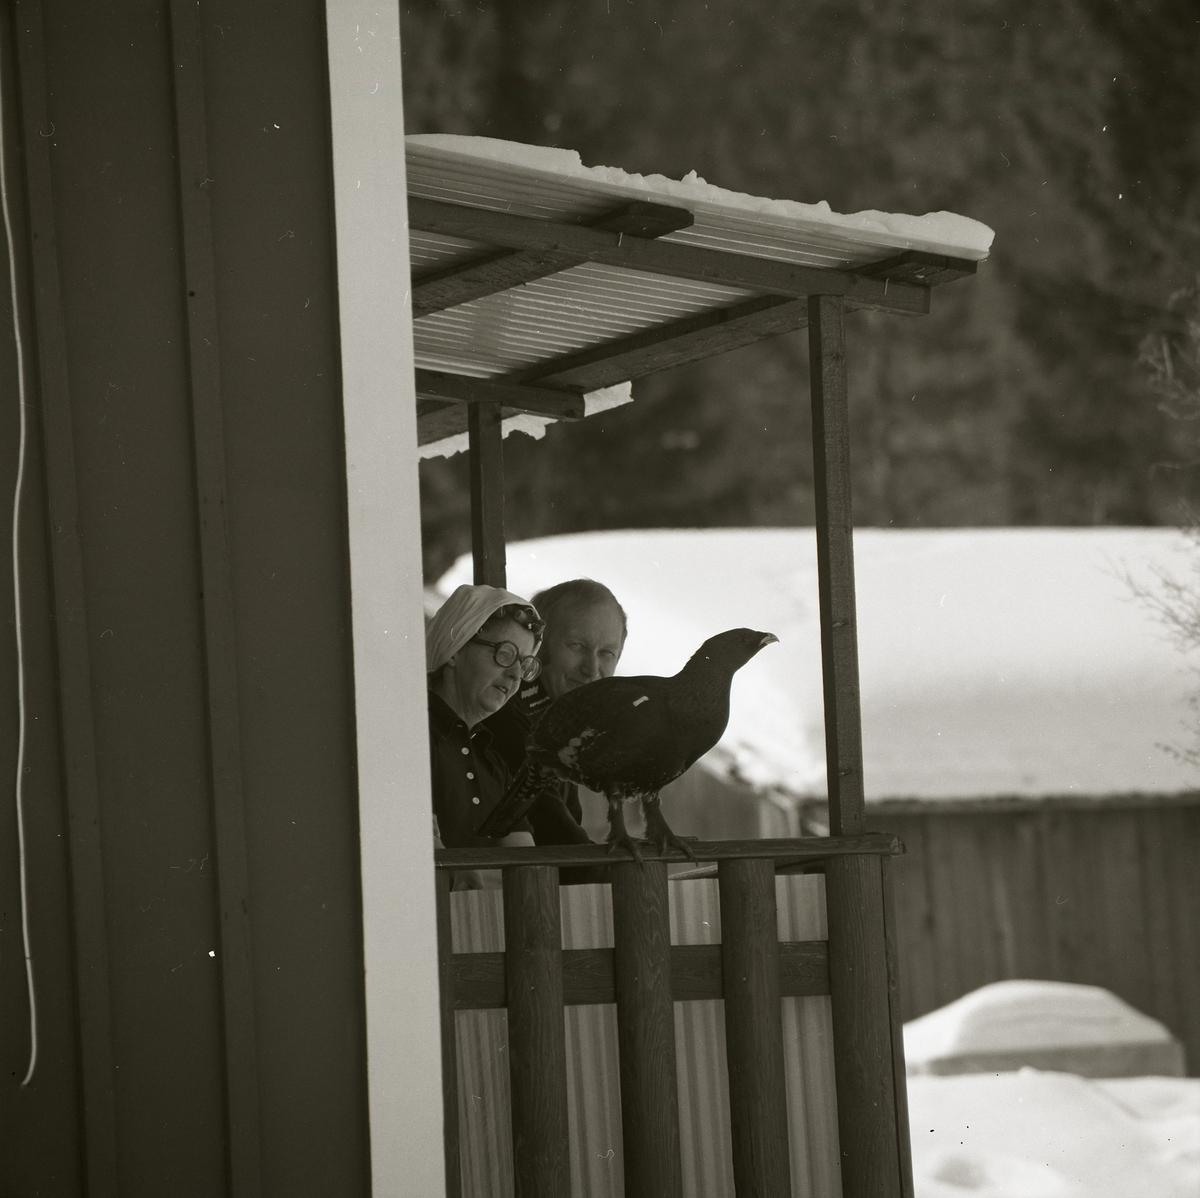 Med kameran kikandes runt husknuten är bilden på tjädertuppen tagen. Fågeln står stadigt med kloprydda fötter på altanräcket och blickar bort från fotografen. Bakom fågeln står en man och en kvinna på altanen, mannen blickar mot betraktaren medan kvinnan riktar intresset mot tjädern.